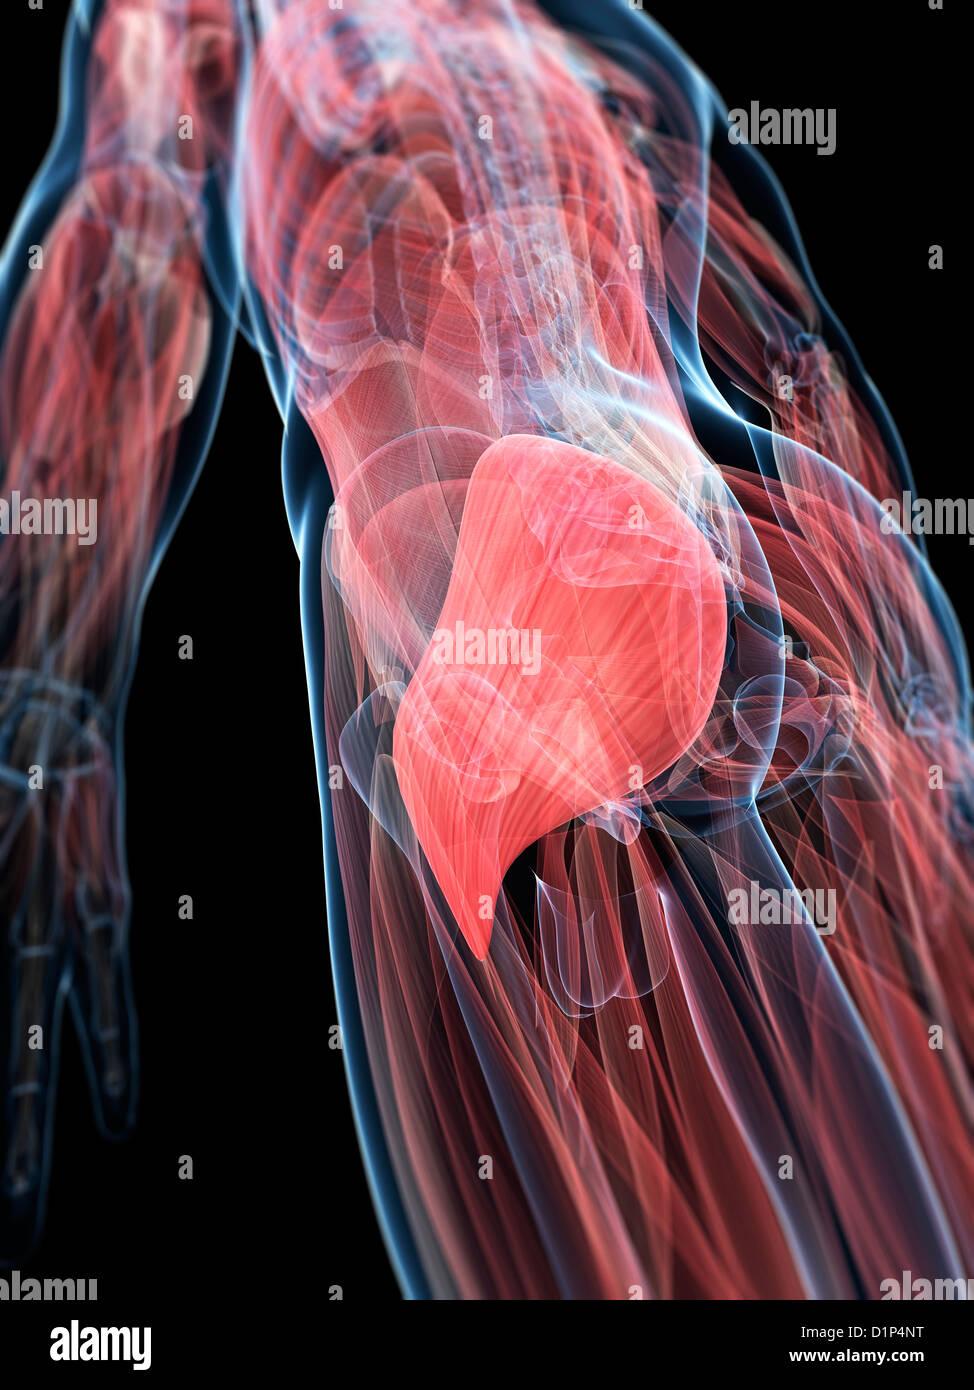 Human Gluteus Maximus Muscles Stock Photos & Human Gluteus Maximus ...